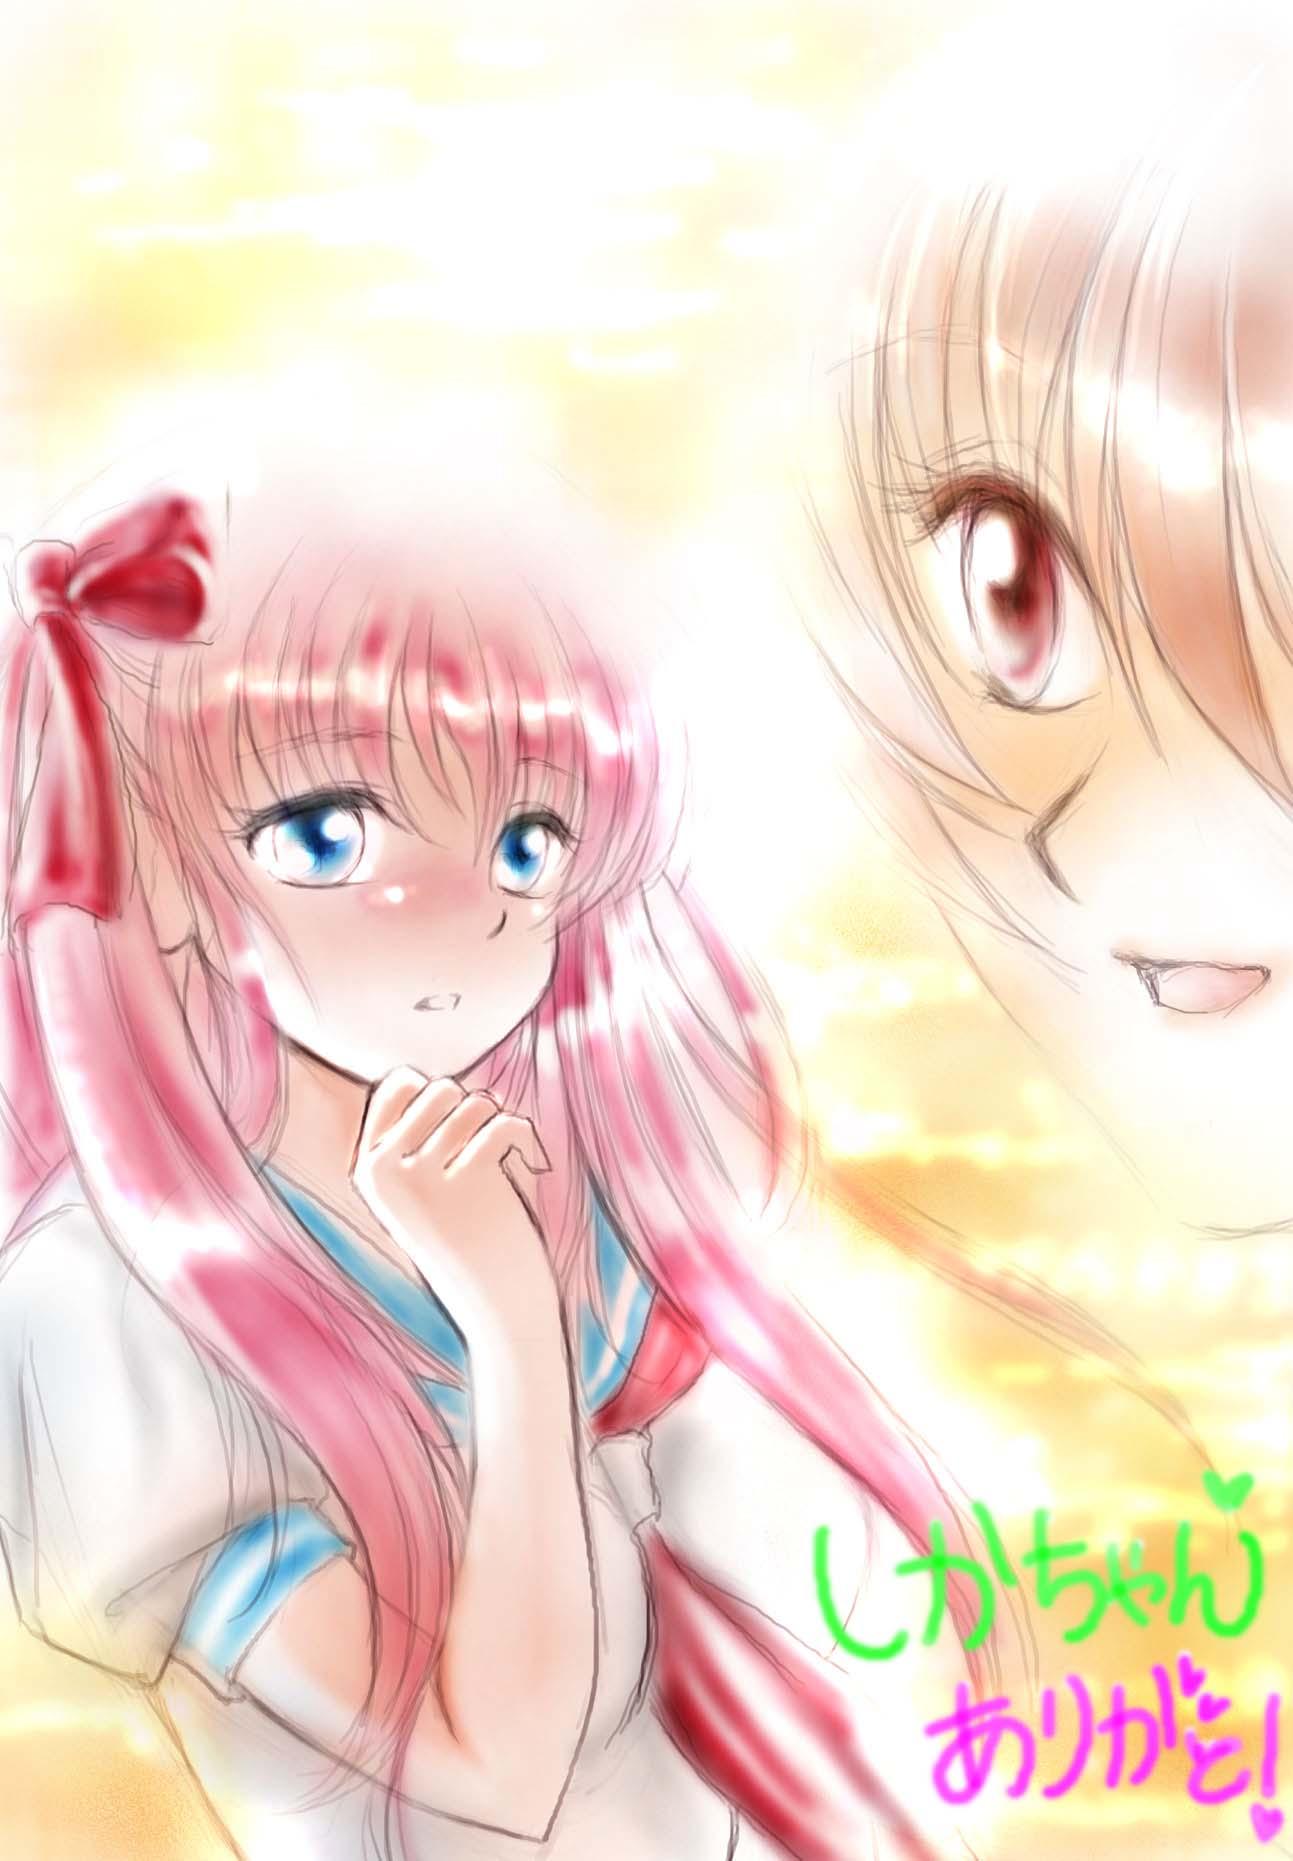 咲ちゃんと、和ちゃん。